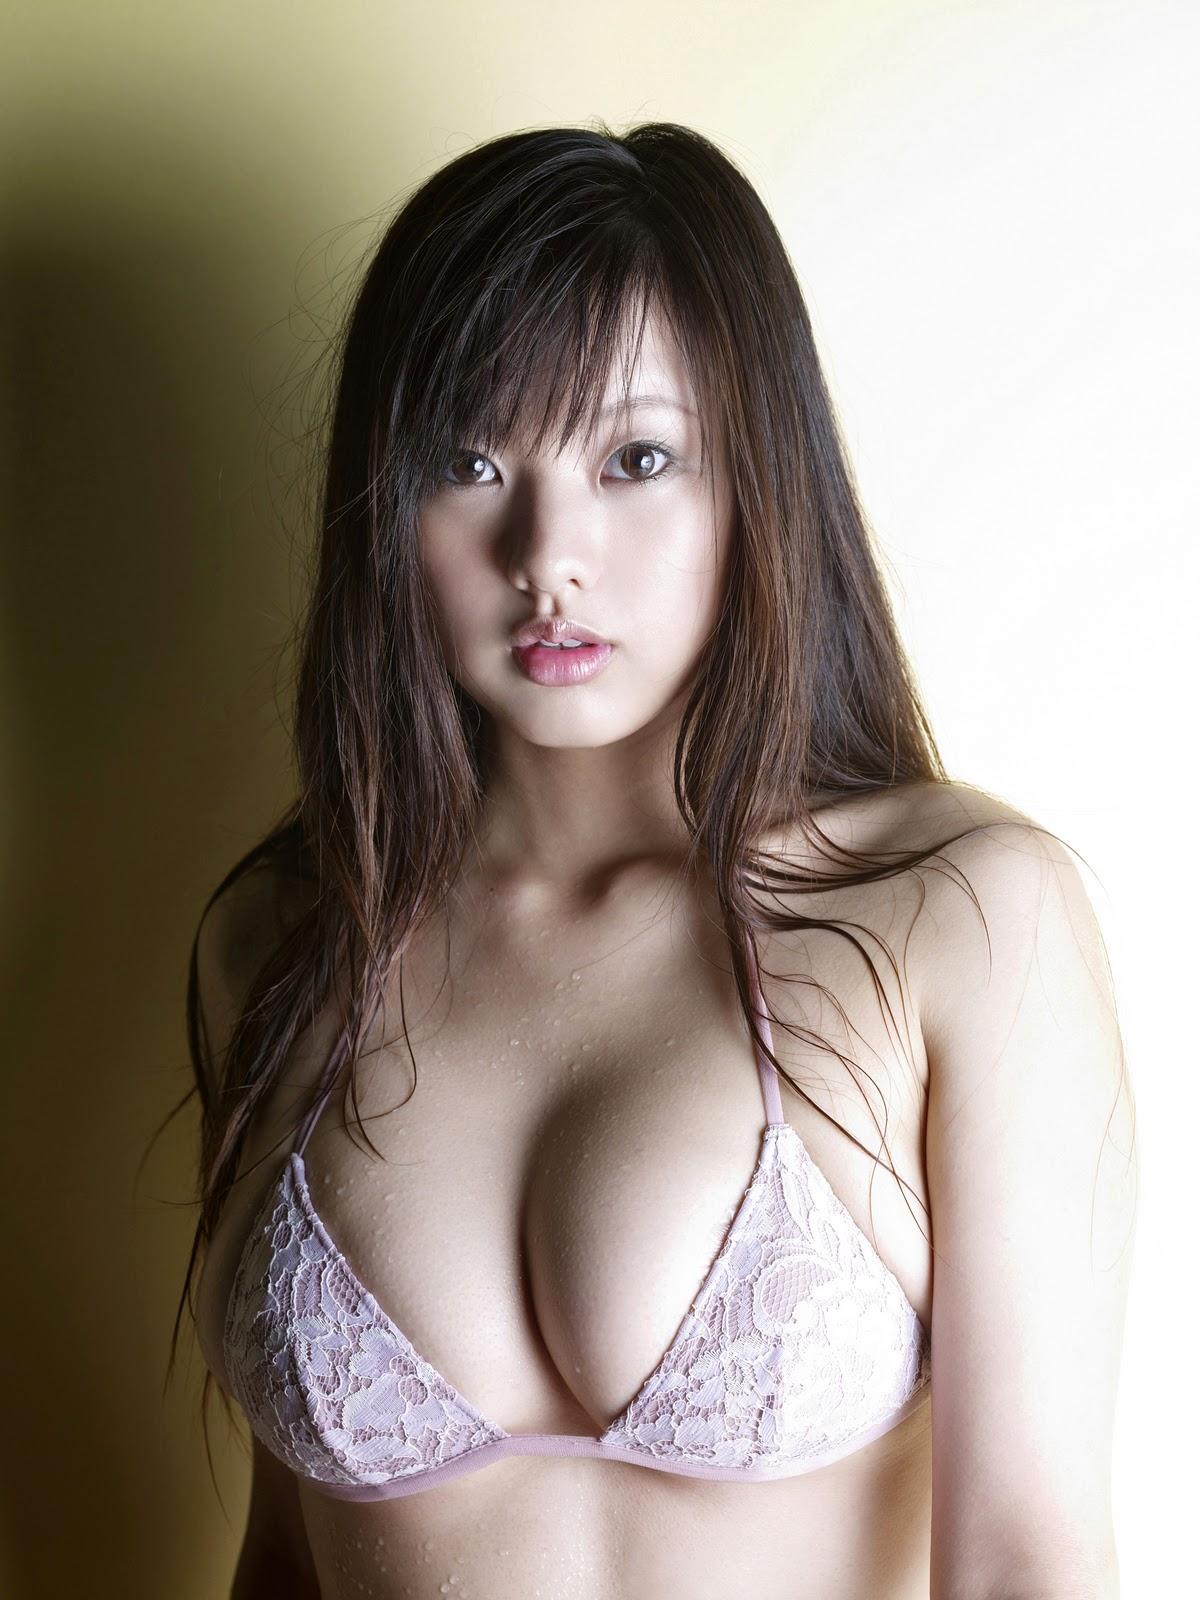 Японки девушки сексуальные 8 фотография